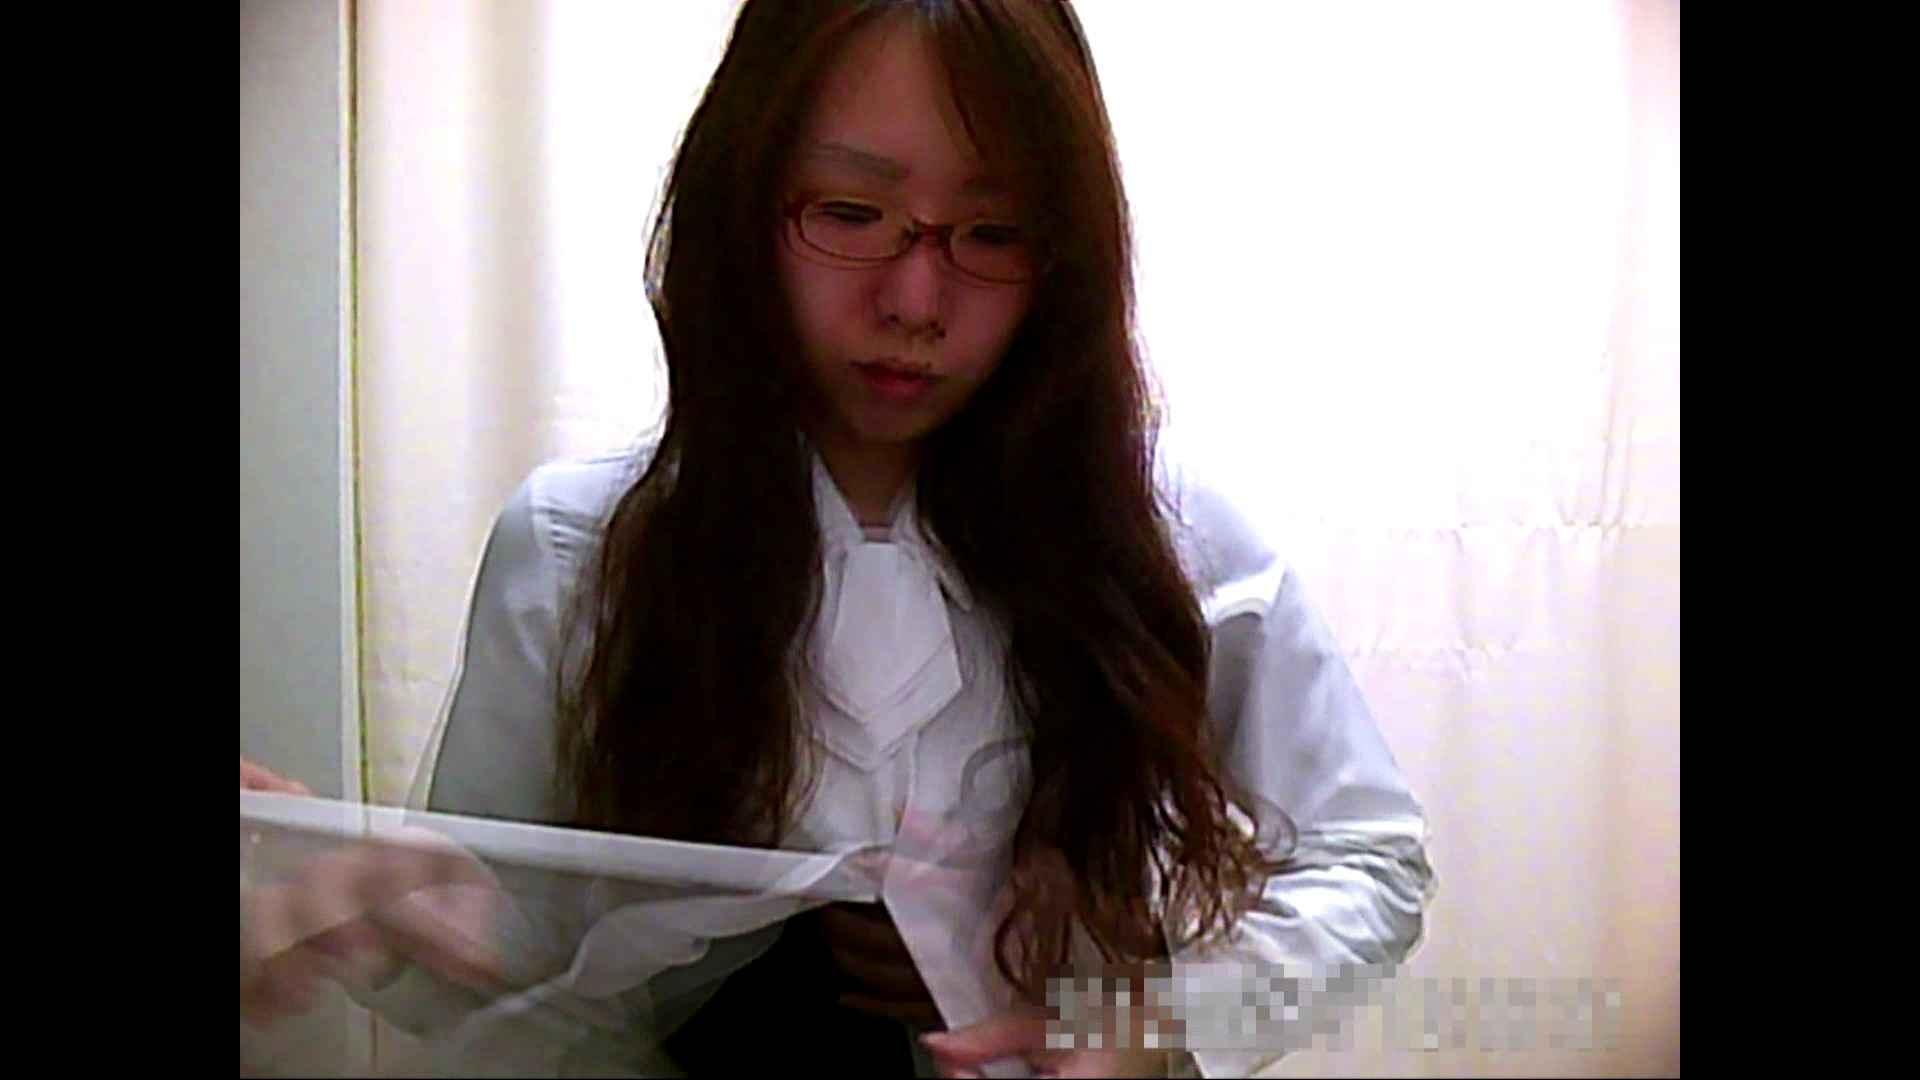 元医者による反抗 更衣室地獄絵巻 vol.005 OLハメ撮り  29Pix 9